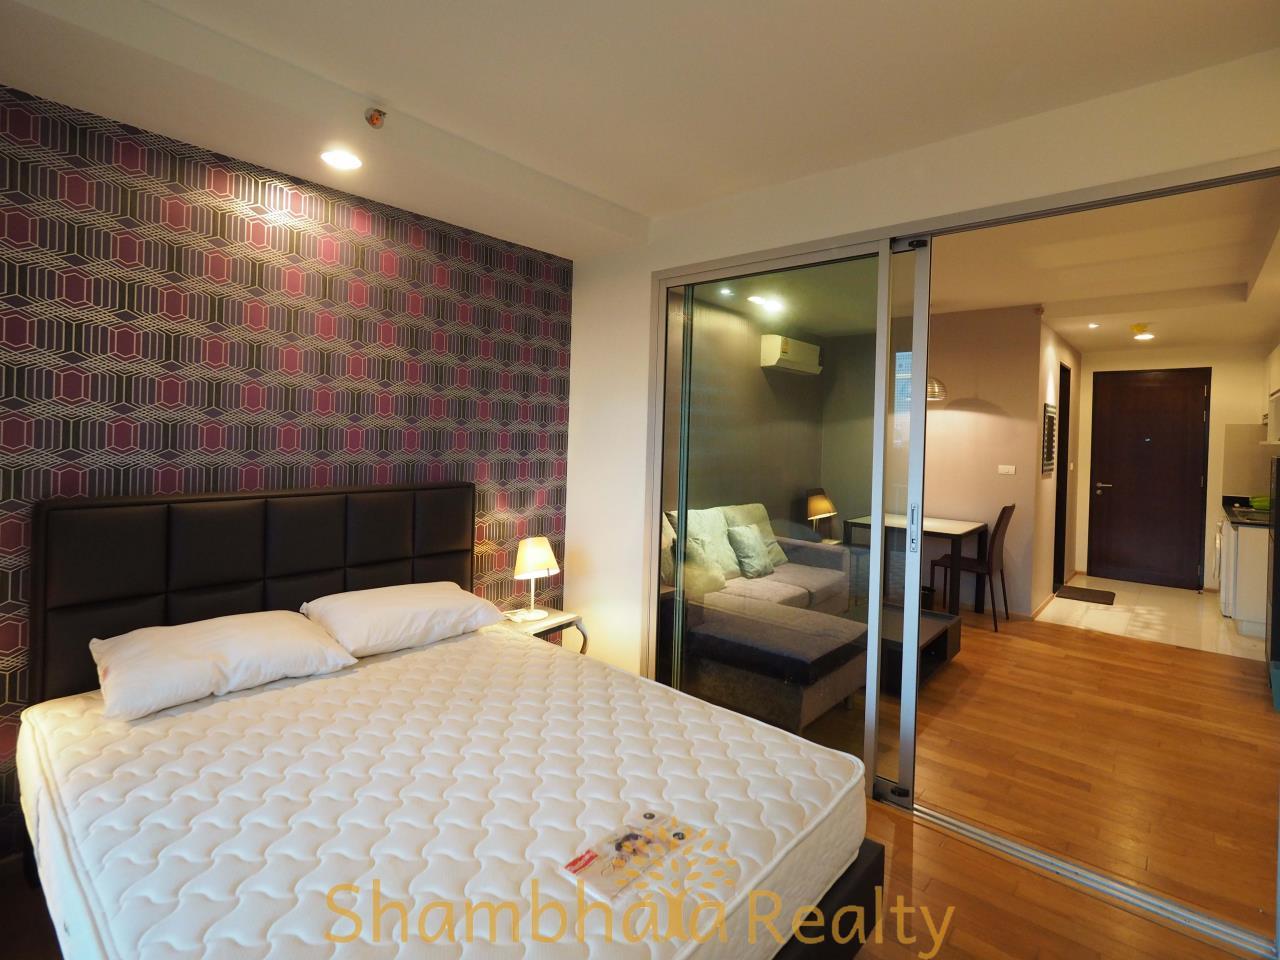 Shambhala Realty Agency's Abstract Condominium for Rent in Phaholyothin 7